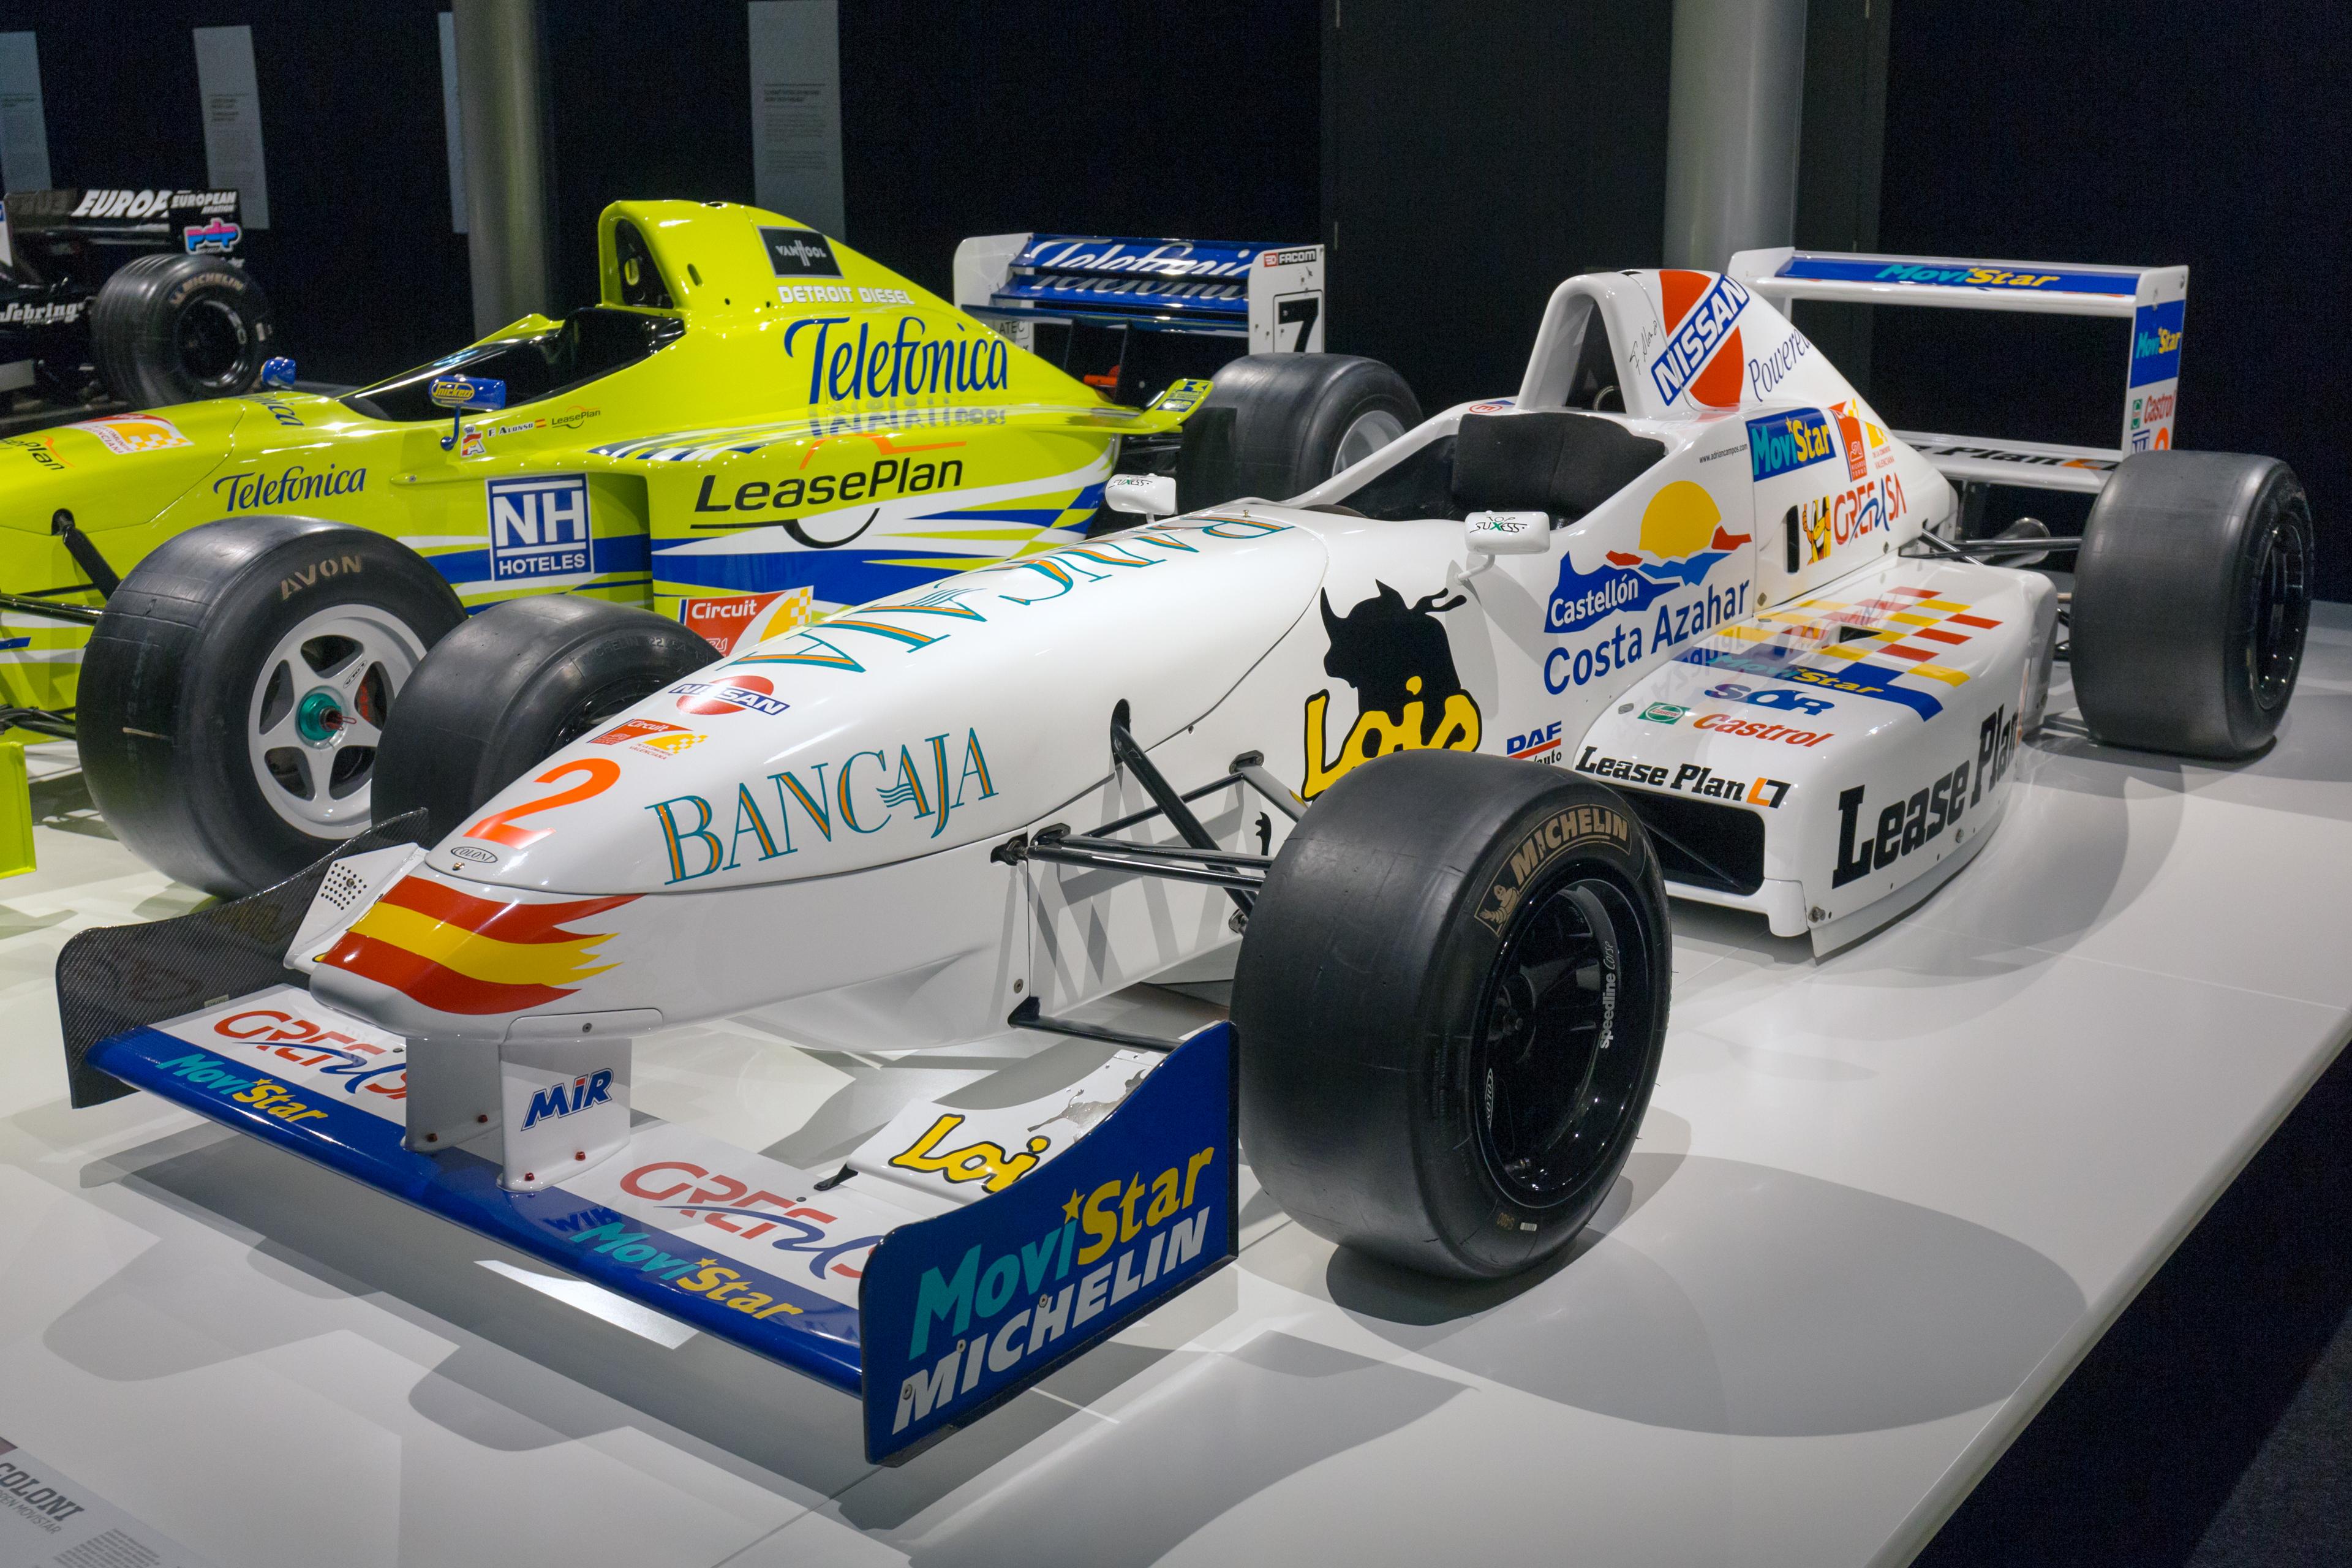 Museo Y Circuito Fernando Alonso : Museo circuito fernando alonso casco stoffel vandoorme flickr